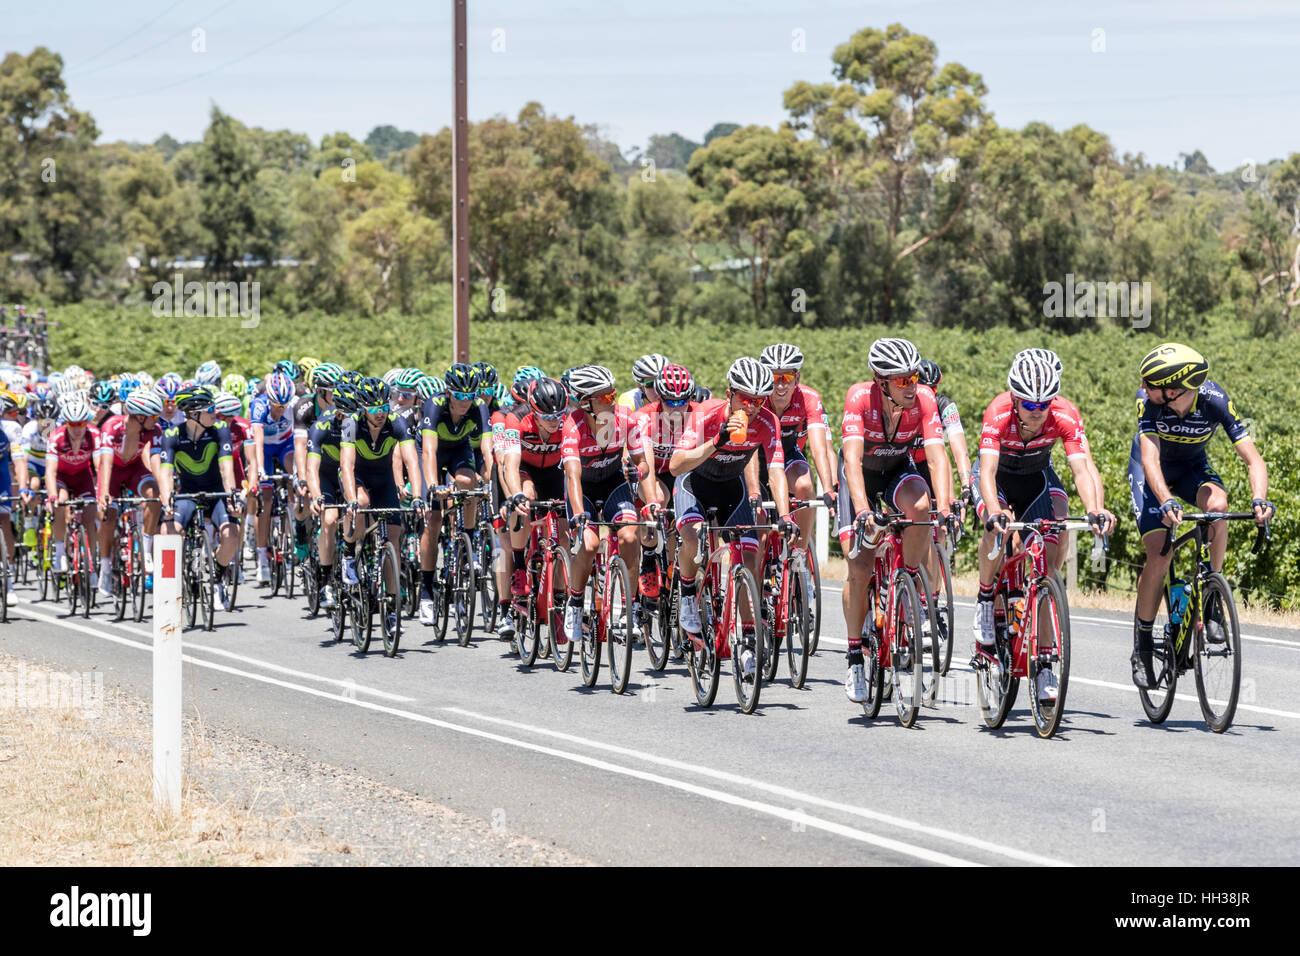 Adelaide, Australien. 17. Januar 2017. Radfahrer von der Trek - Segafredo-Team (TFS) während der 1. Etappe der Santos Stockfoto